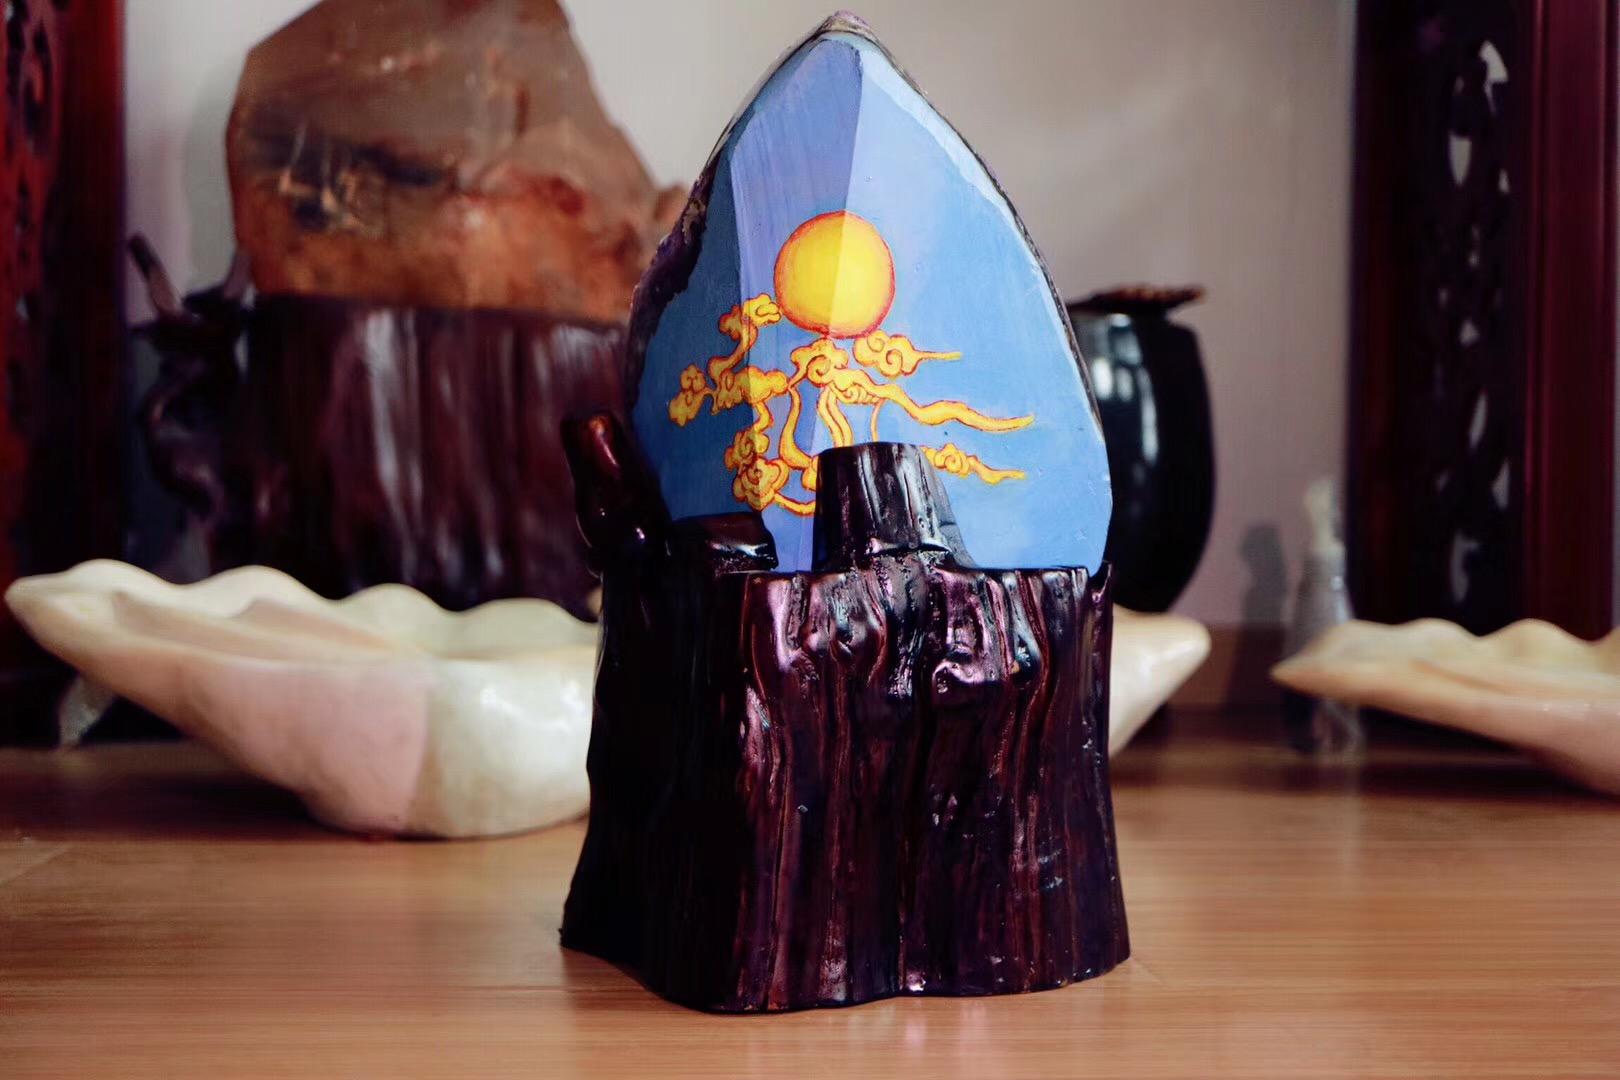 【原矿紫晶簇】十斤的大晶簇,紫气东来高频高能-菩心晶舍